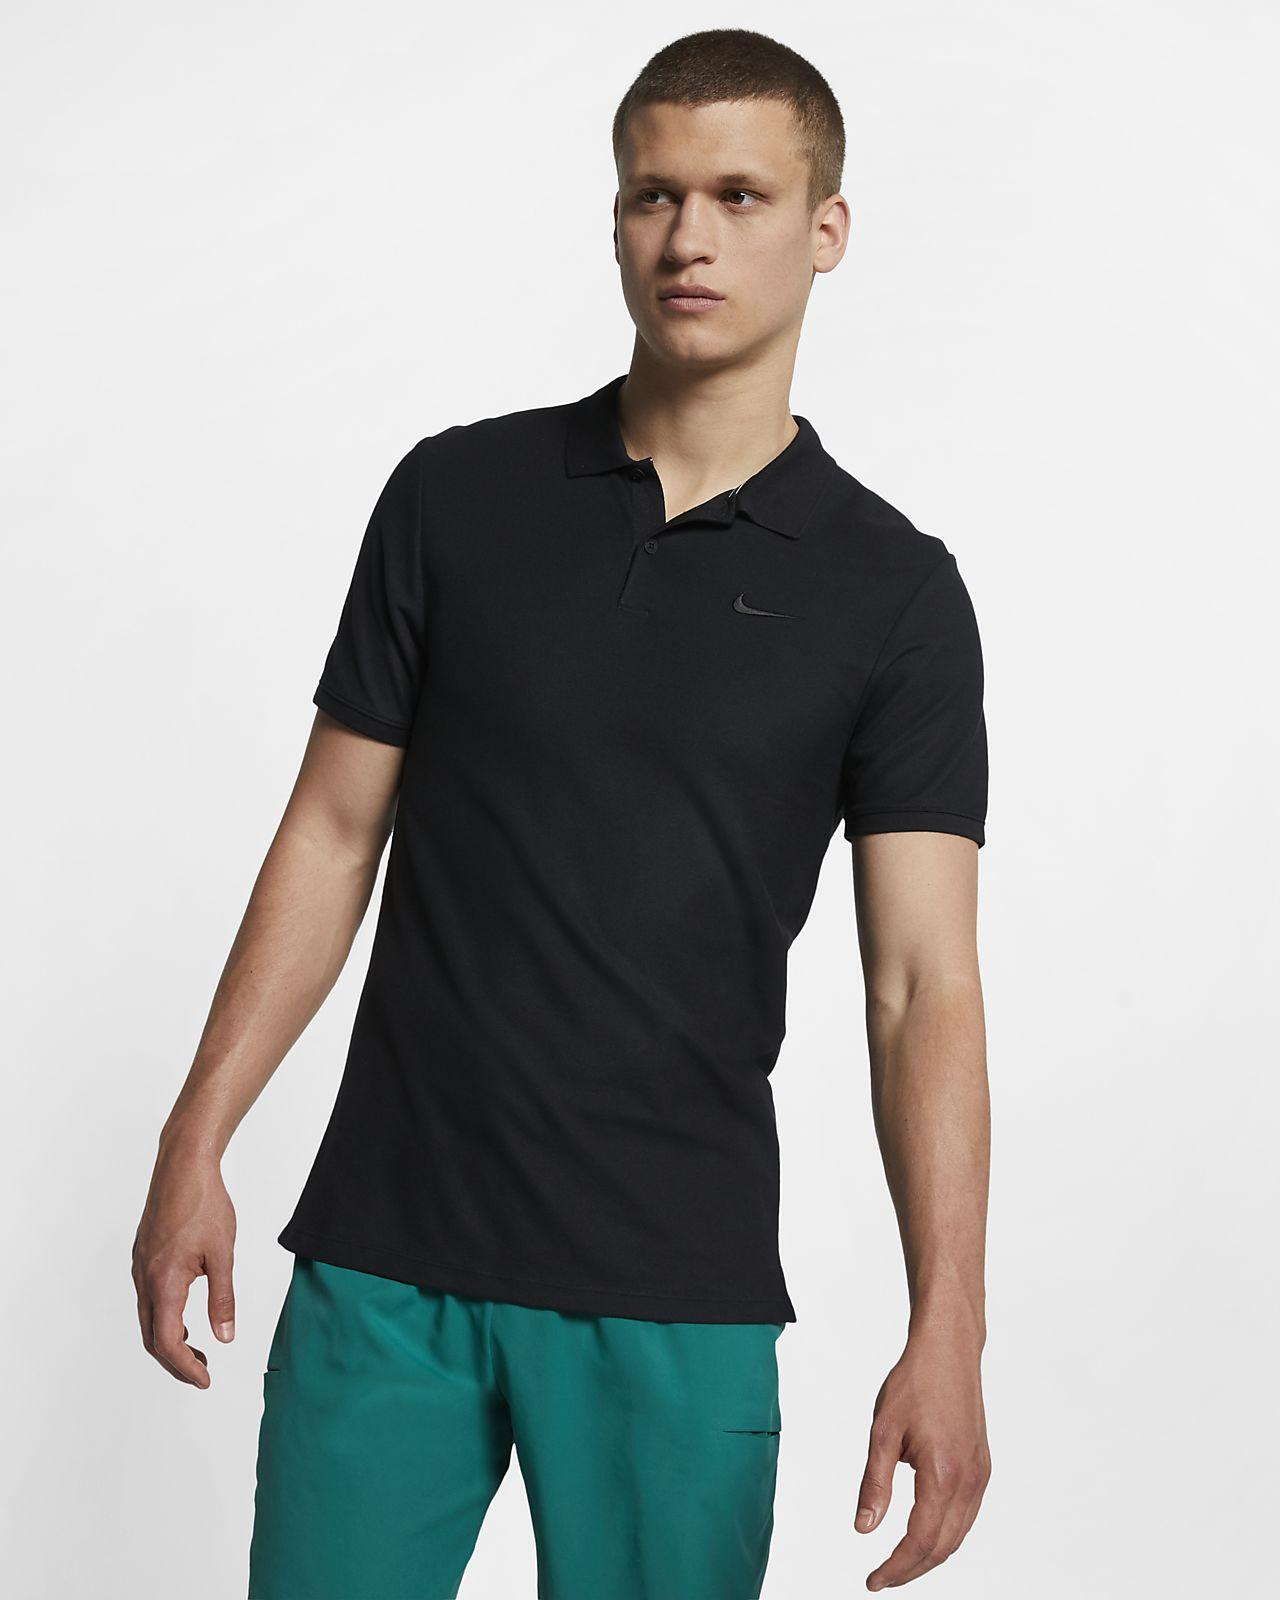 Pánská tenisová polokošile NikeCourt Advantage